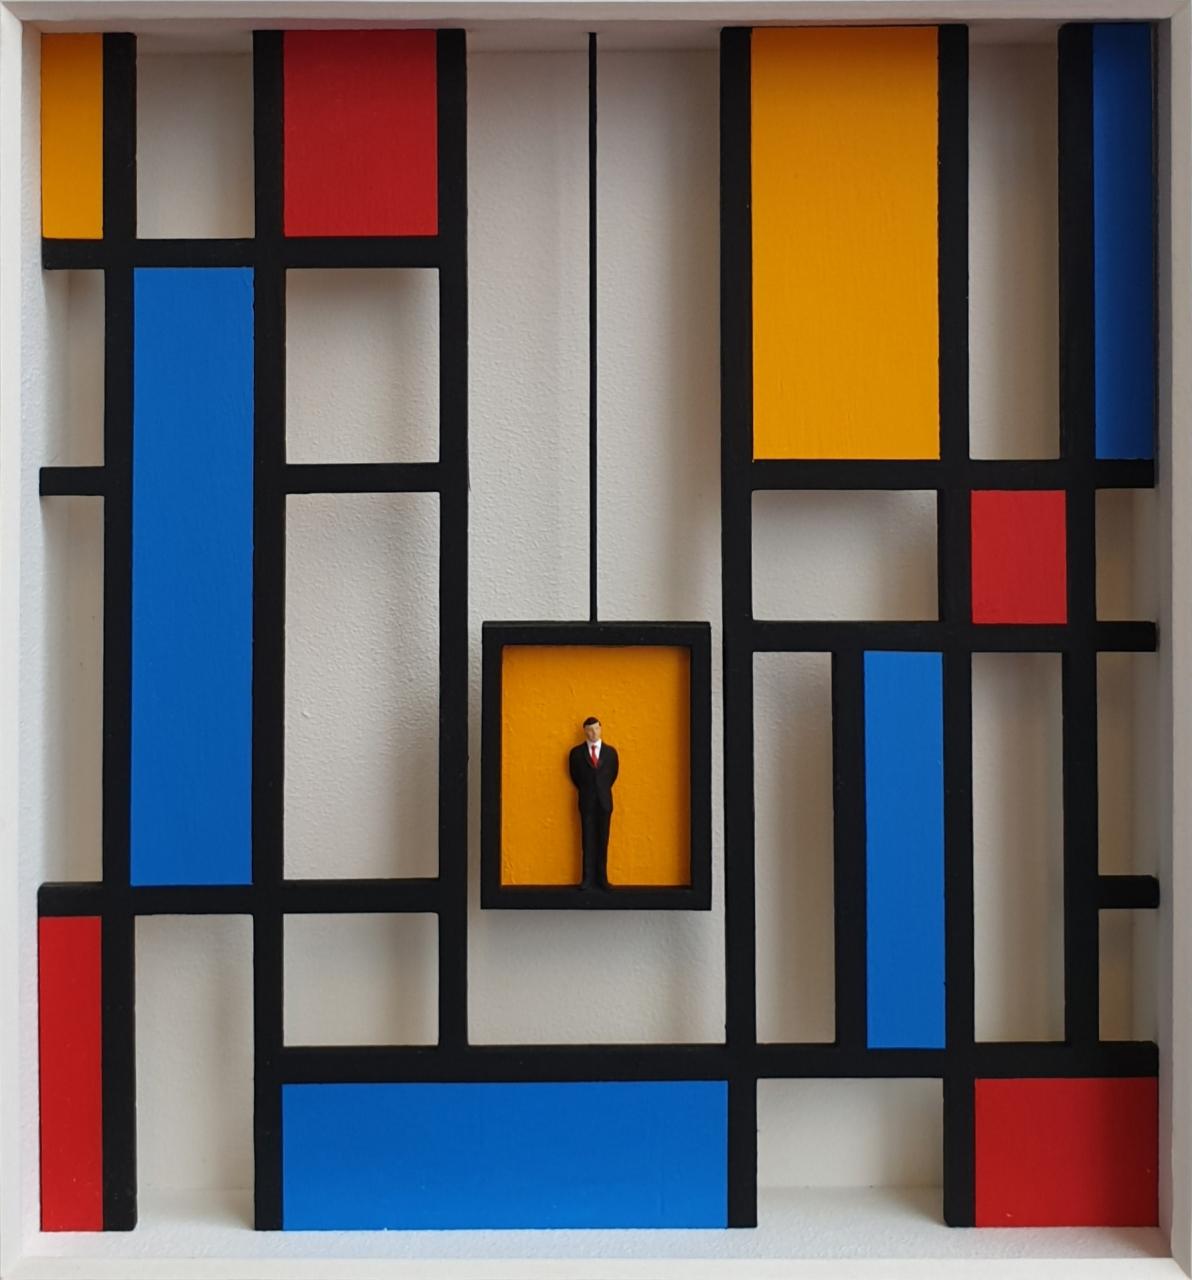 Der Fahrstuhl nach oben - Homage à Mondrian